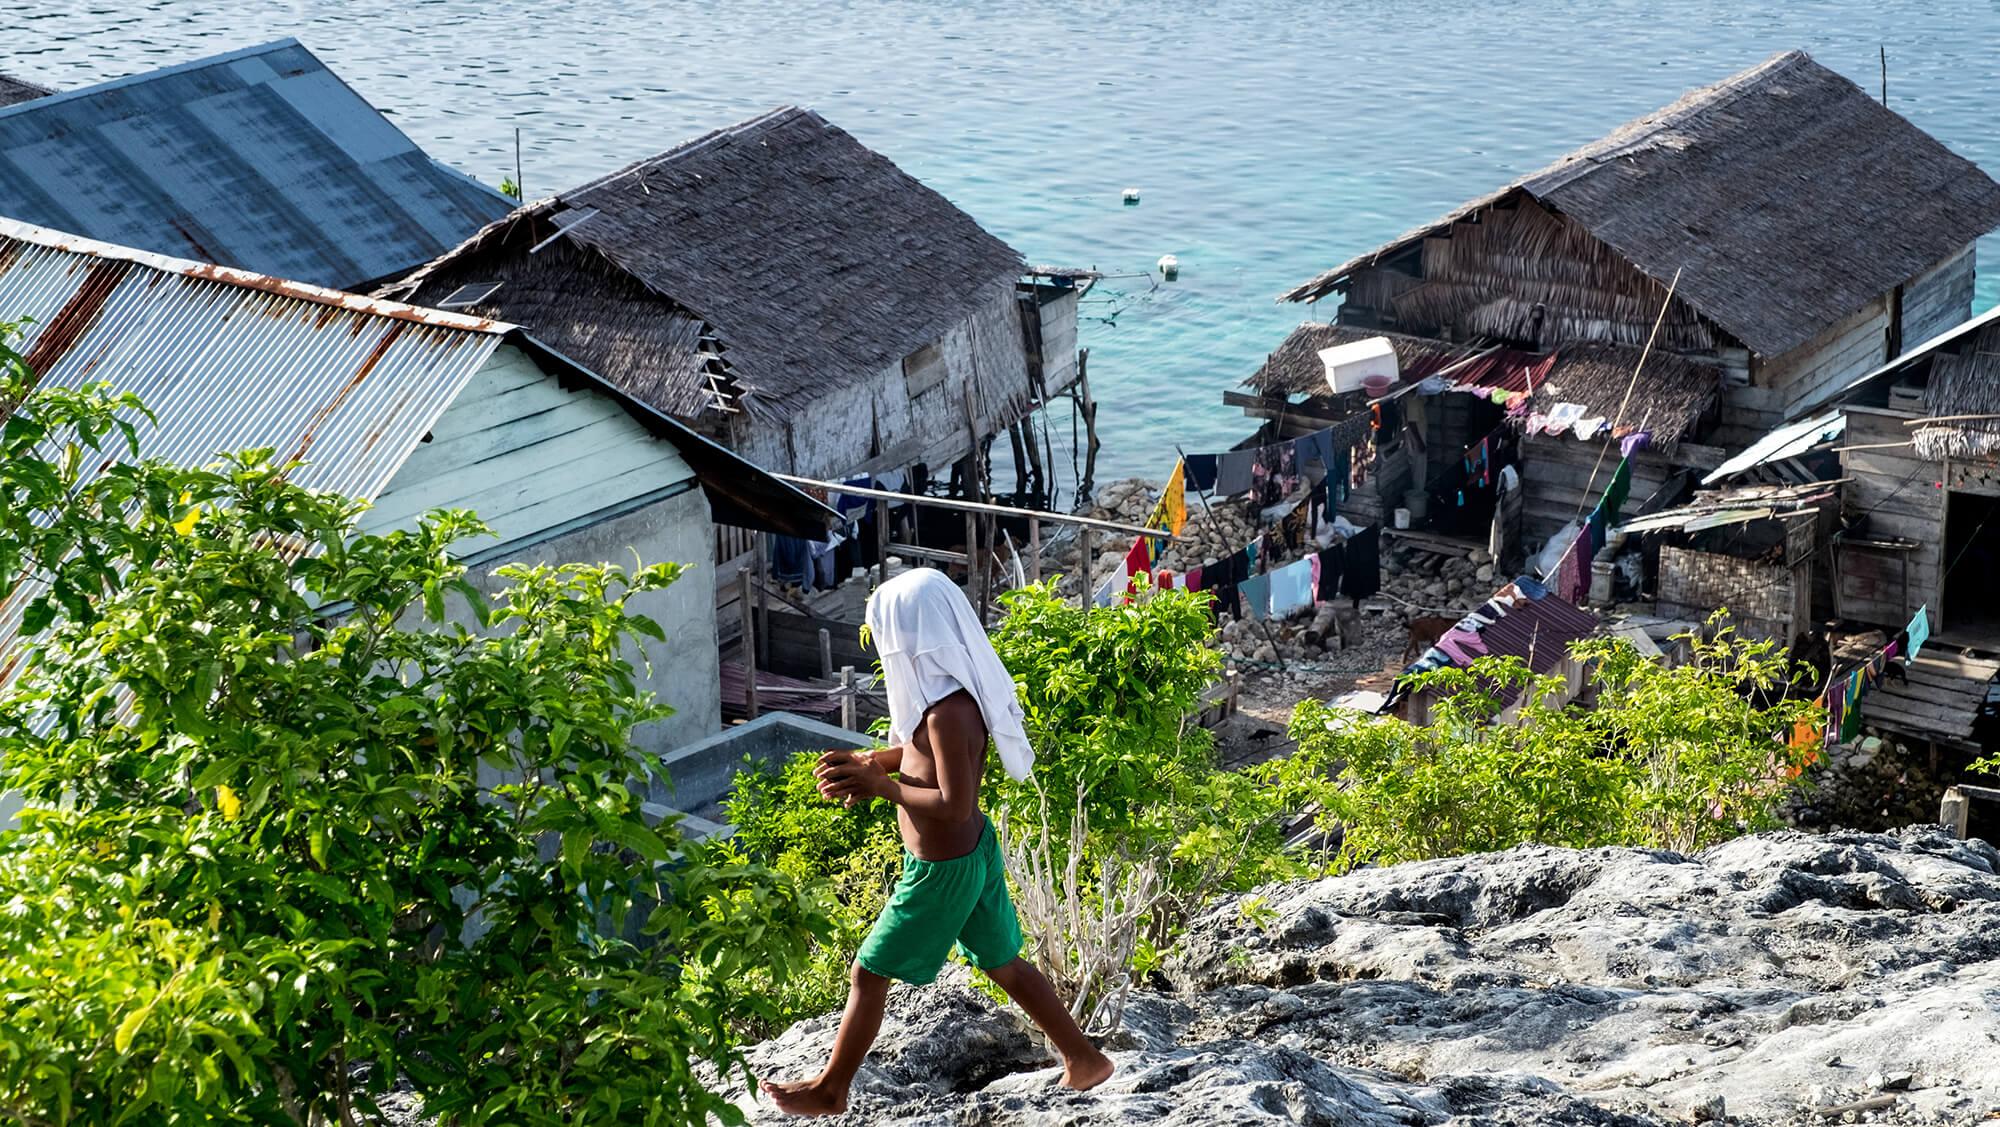 Niño caminando en la aldea bajau de las islas Togean en Sulawesi